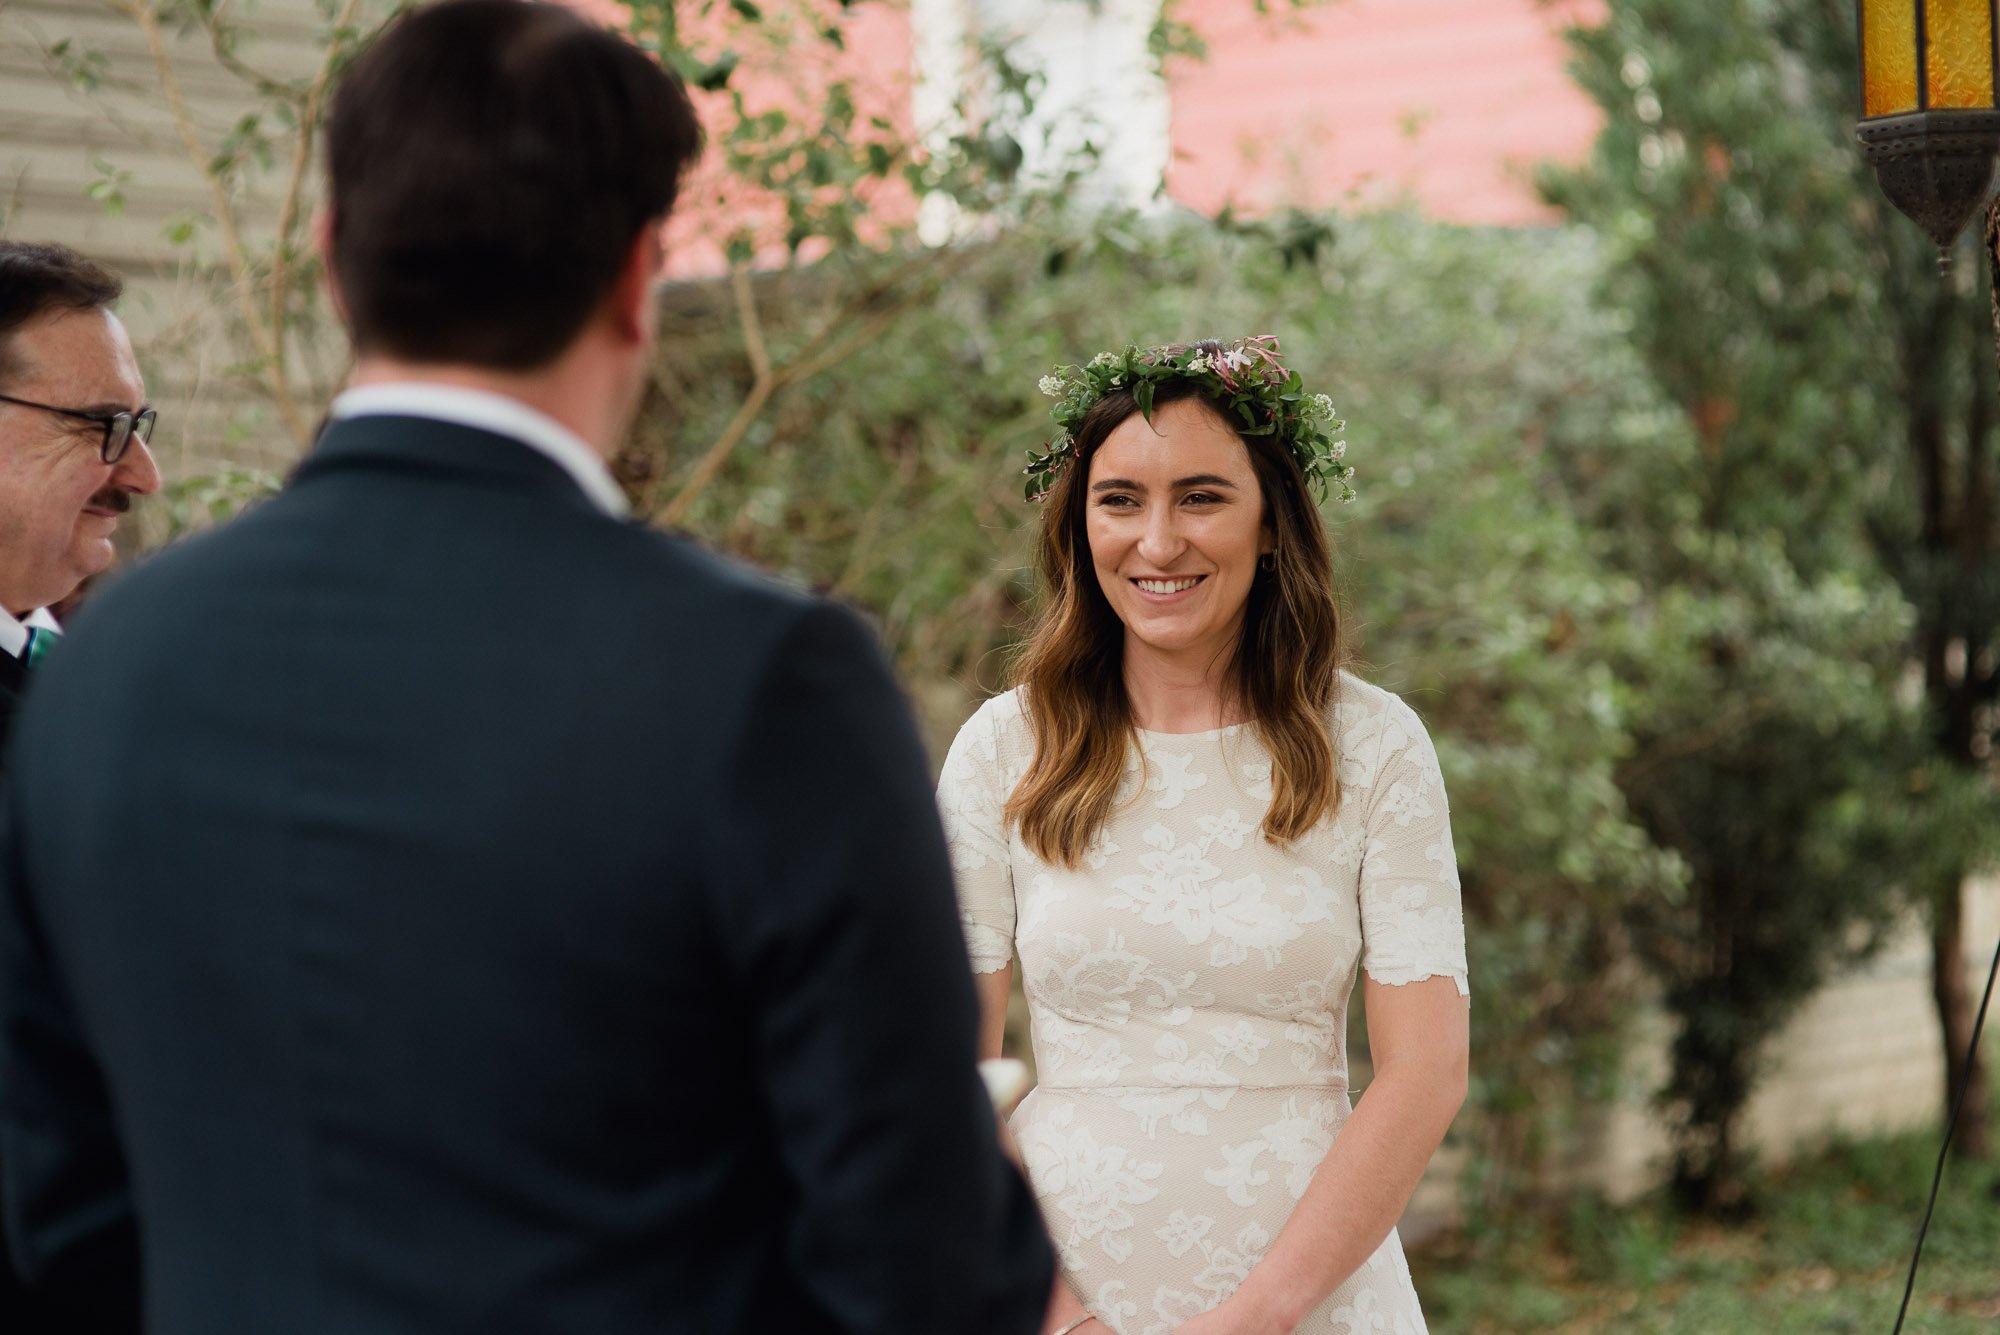 creative non traditional wedding photography in san antonio texas